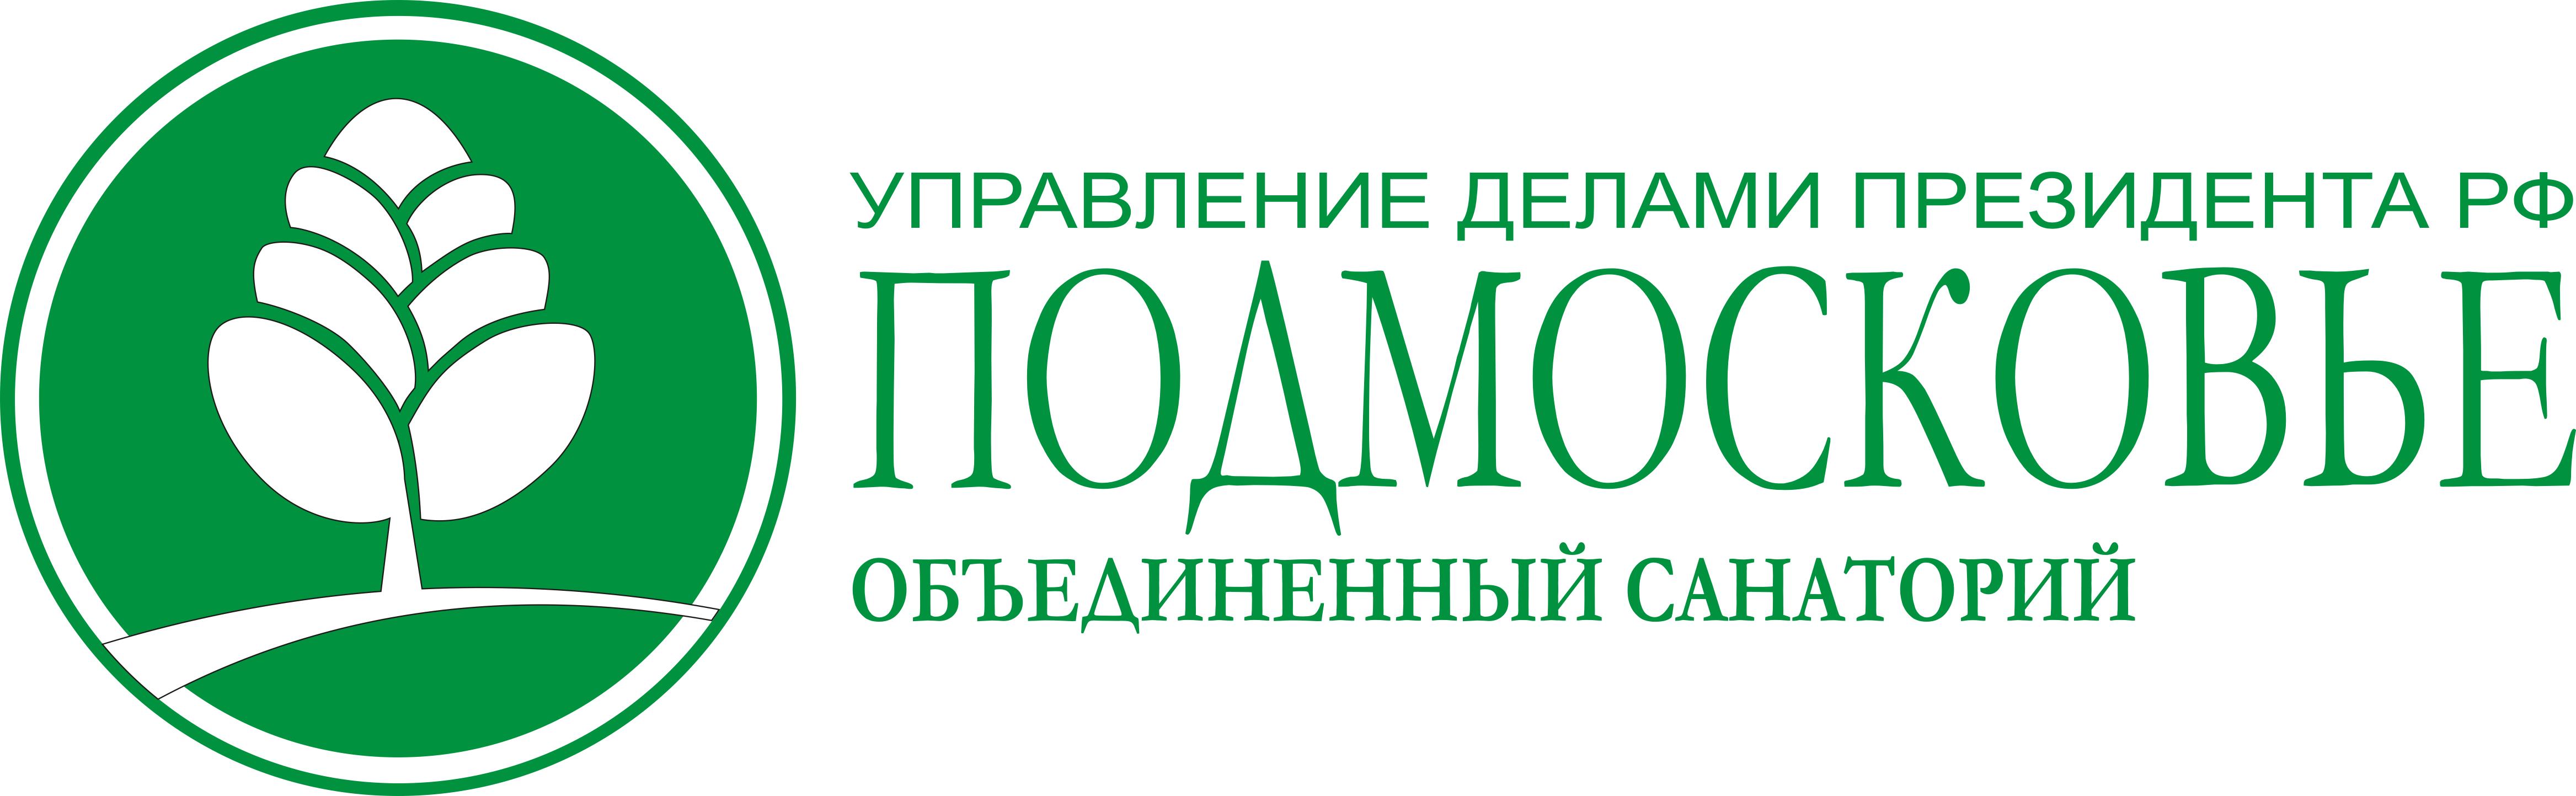 Санатории фгбу управление делами президента